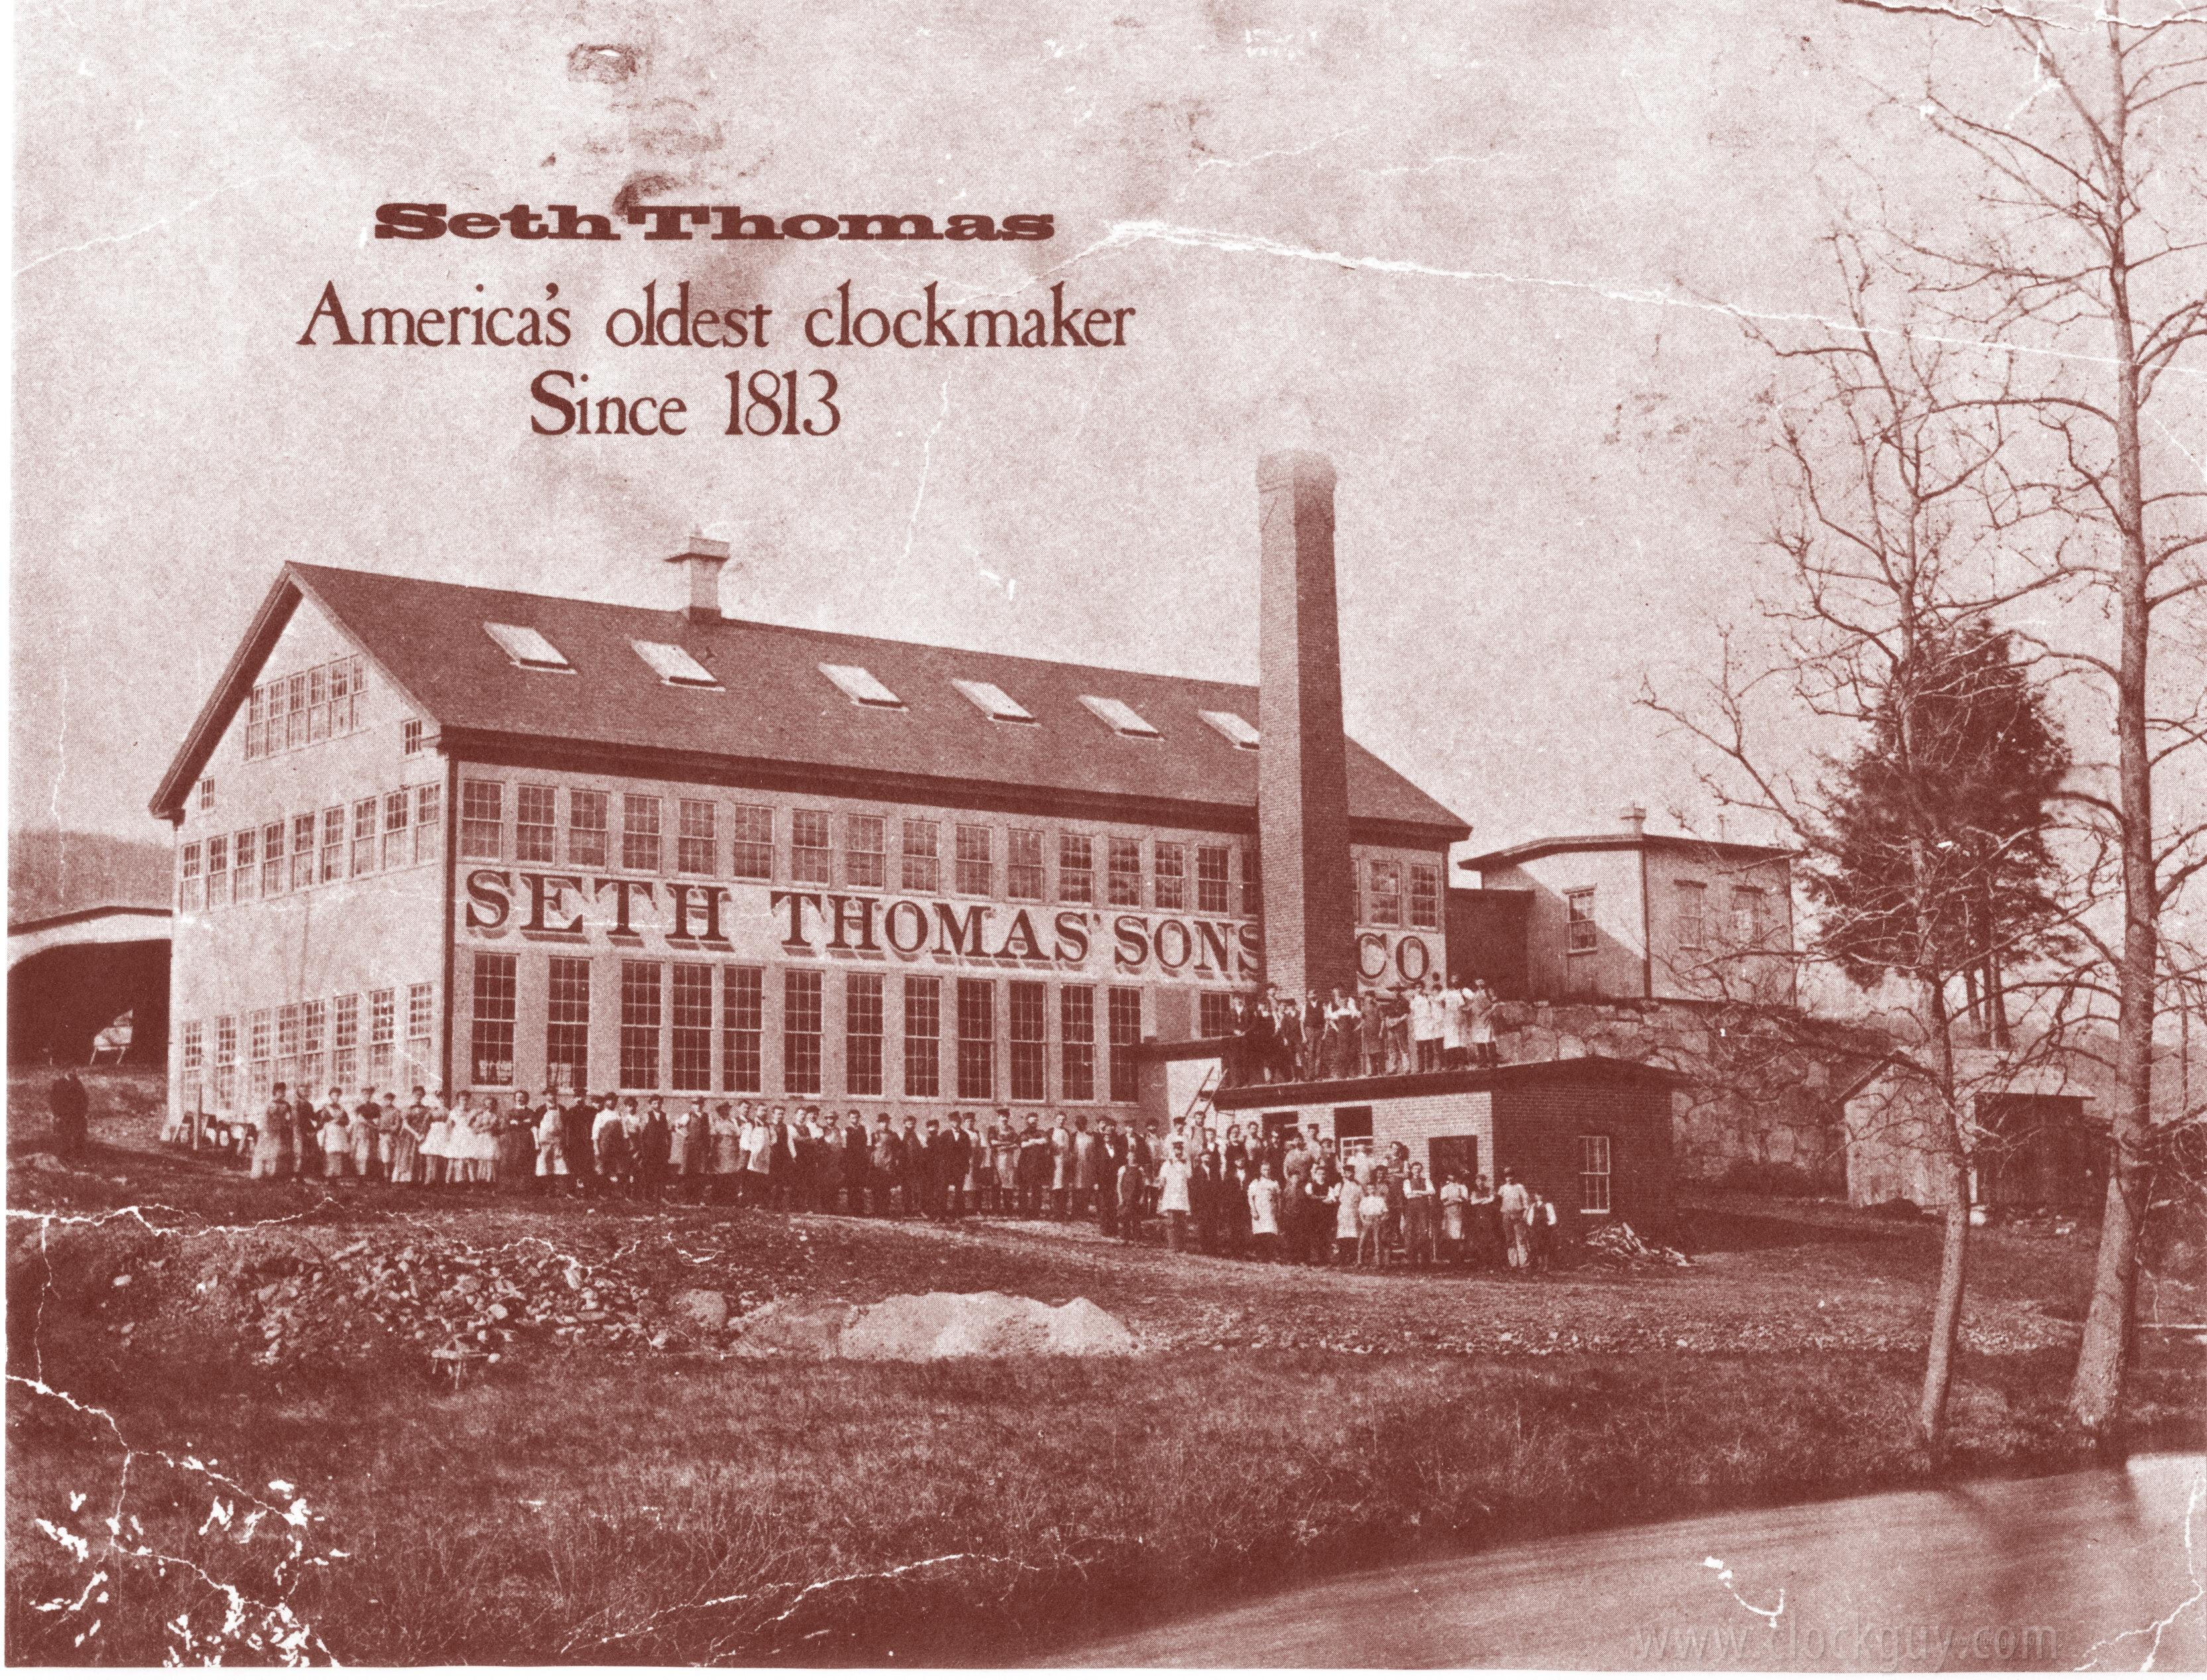 Seth Thomas Clock Company History Antique Clocks Guy We